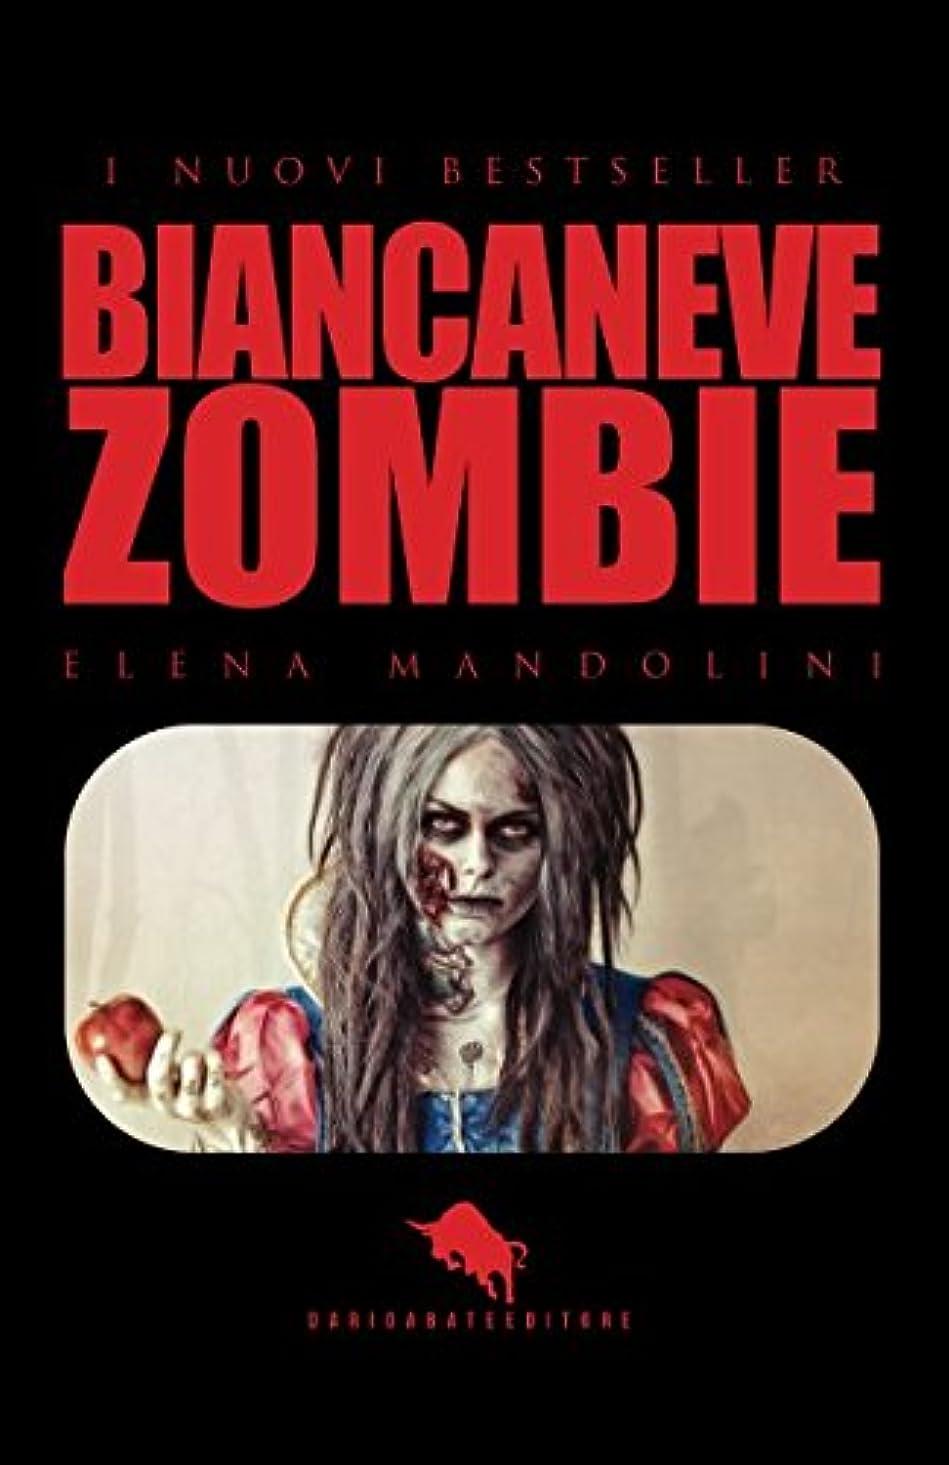 行列トムオードリース等価BIANCANEVE ZOMBIE (I Nuovi Bestseller DAE)